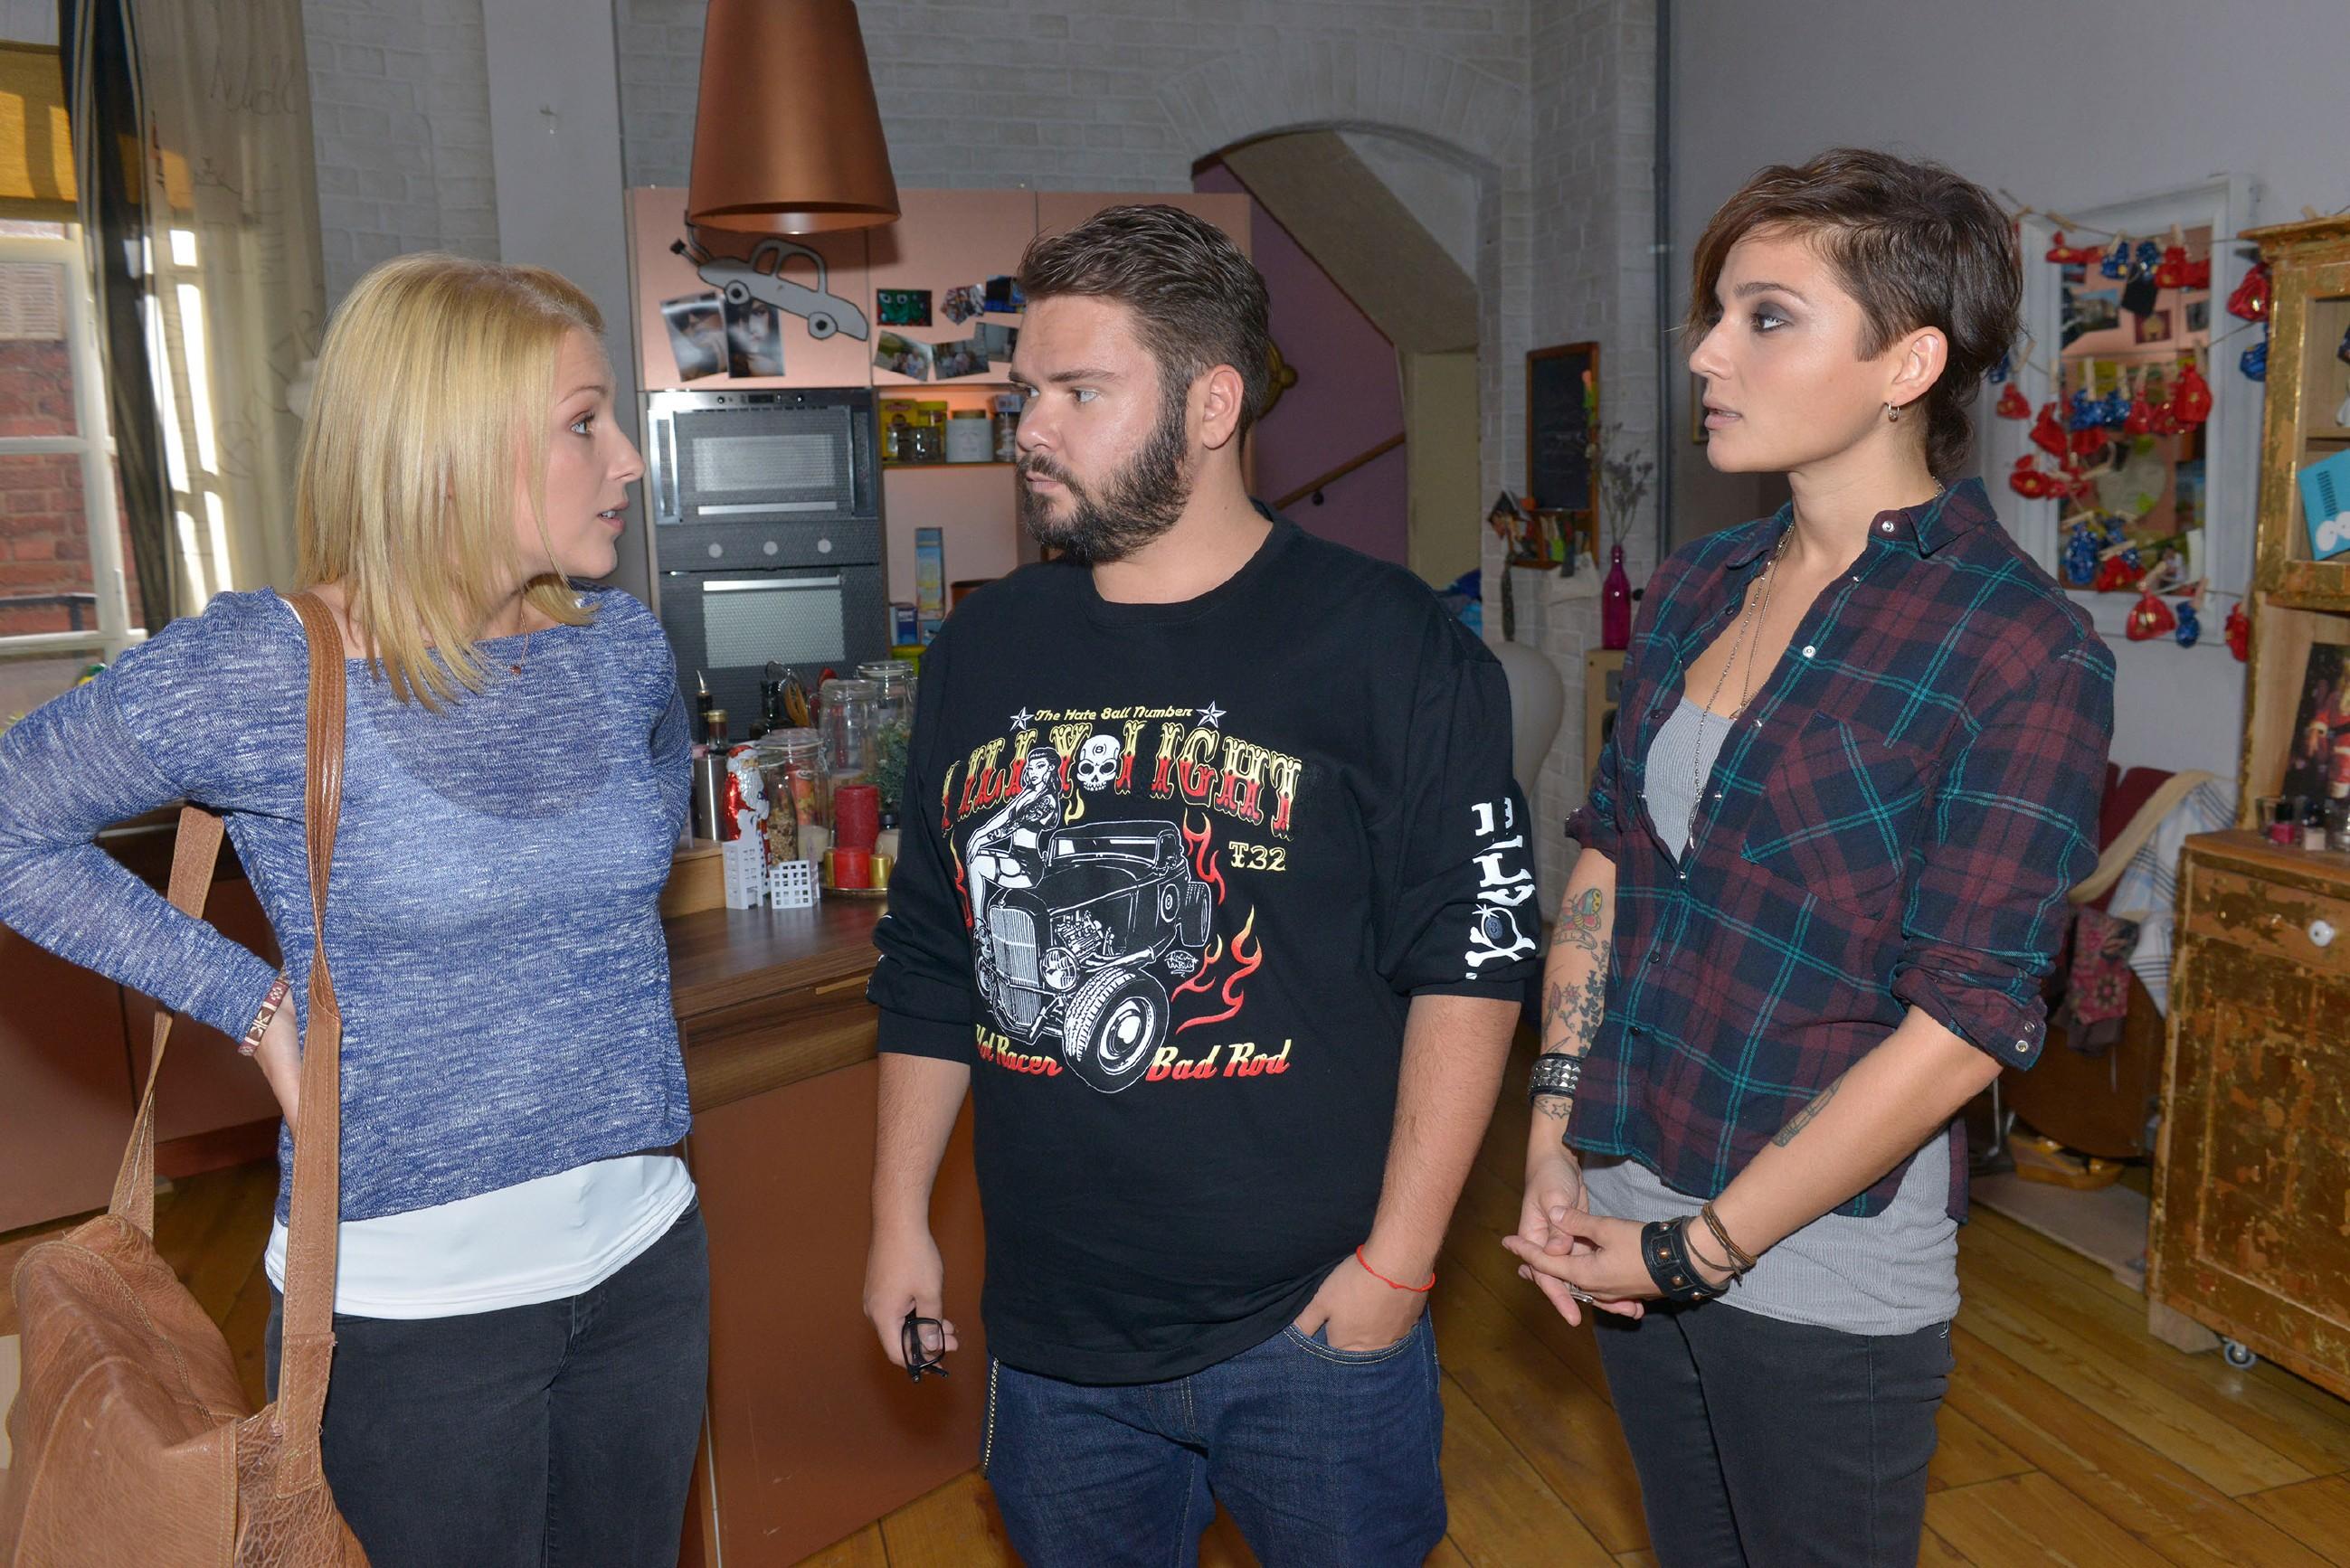 Lilly (Iris Mareike Steen), Tuner (Thomas Drechsel) und Anni (Linda Marlen Runge) überlegen, wie sie die Sozialstation finanzieren könnten. (Quelle: RTL / Rolf Baumgartner)